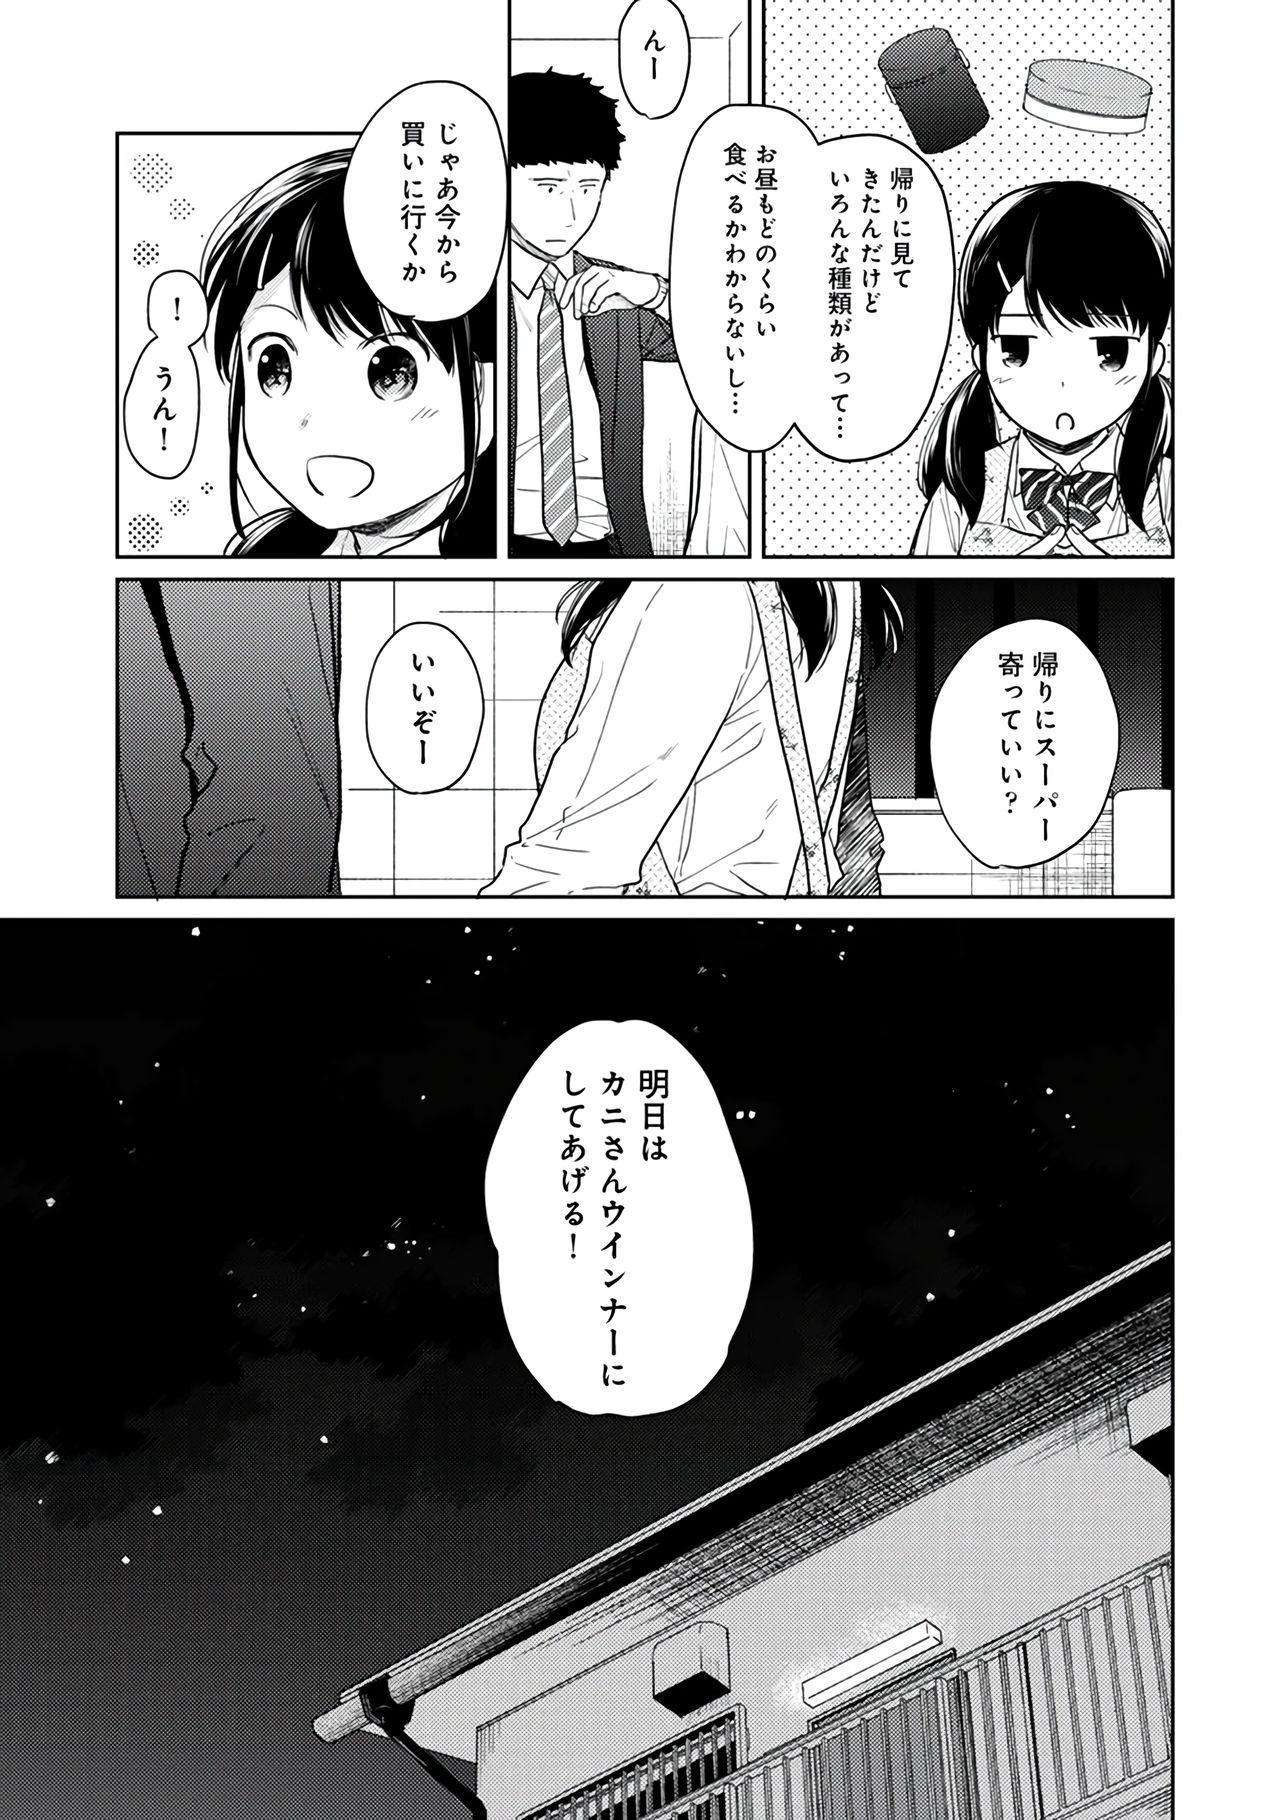 1LDK+JK Ikinari Doukyo? Micchaku!? Hatsu Ecchi!!? Vol.2 58